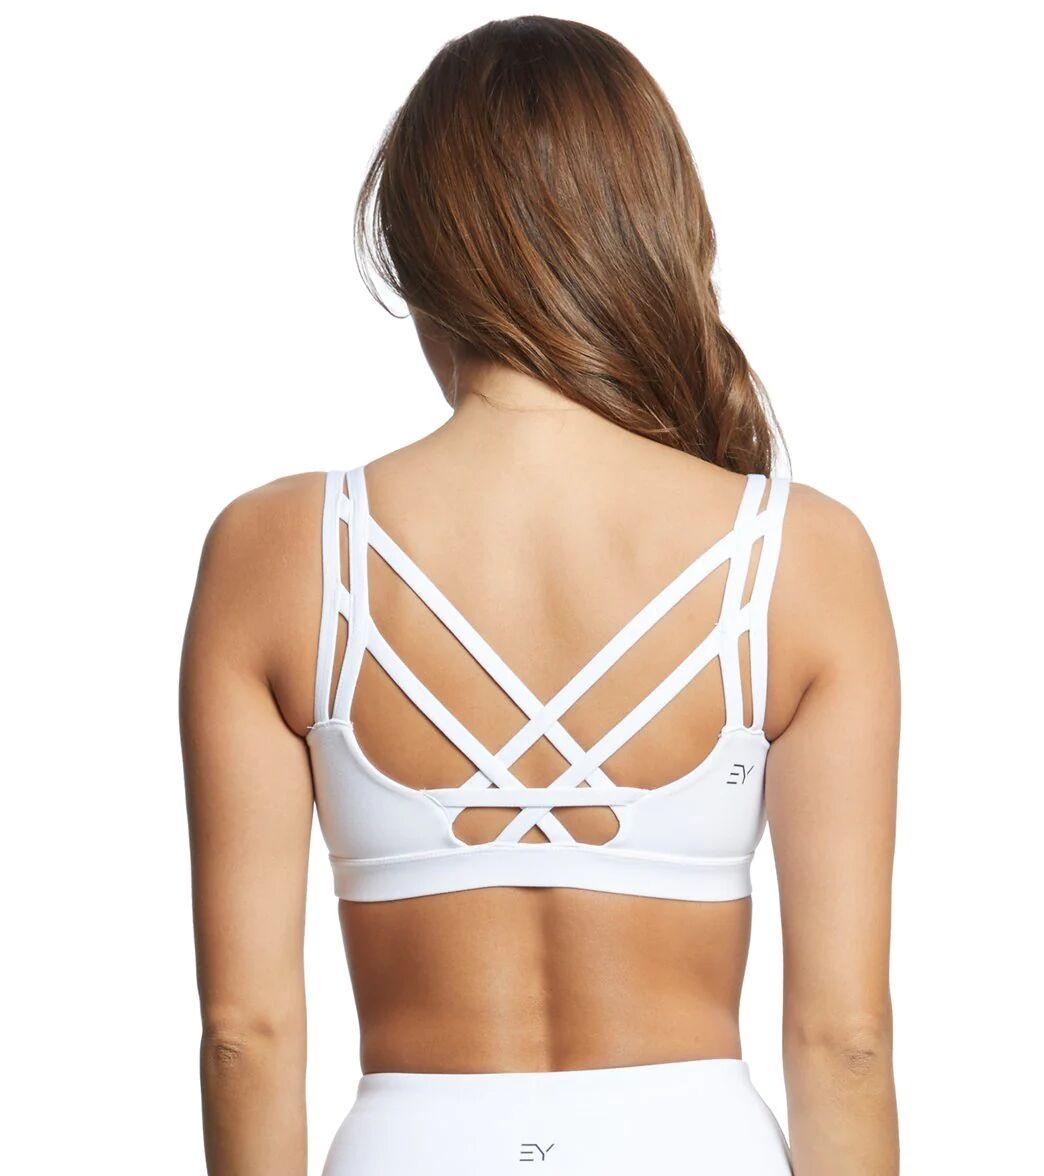 Everyday Yoga Women's Radiant Strappy Back Sports Bra - White X-Small Polyester/ Spandex